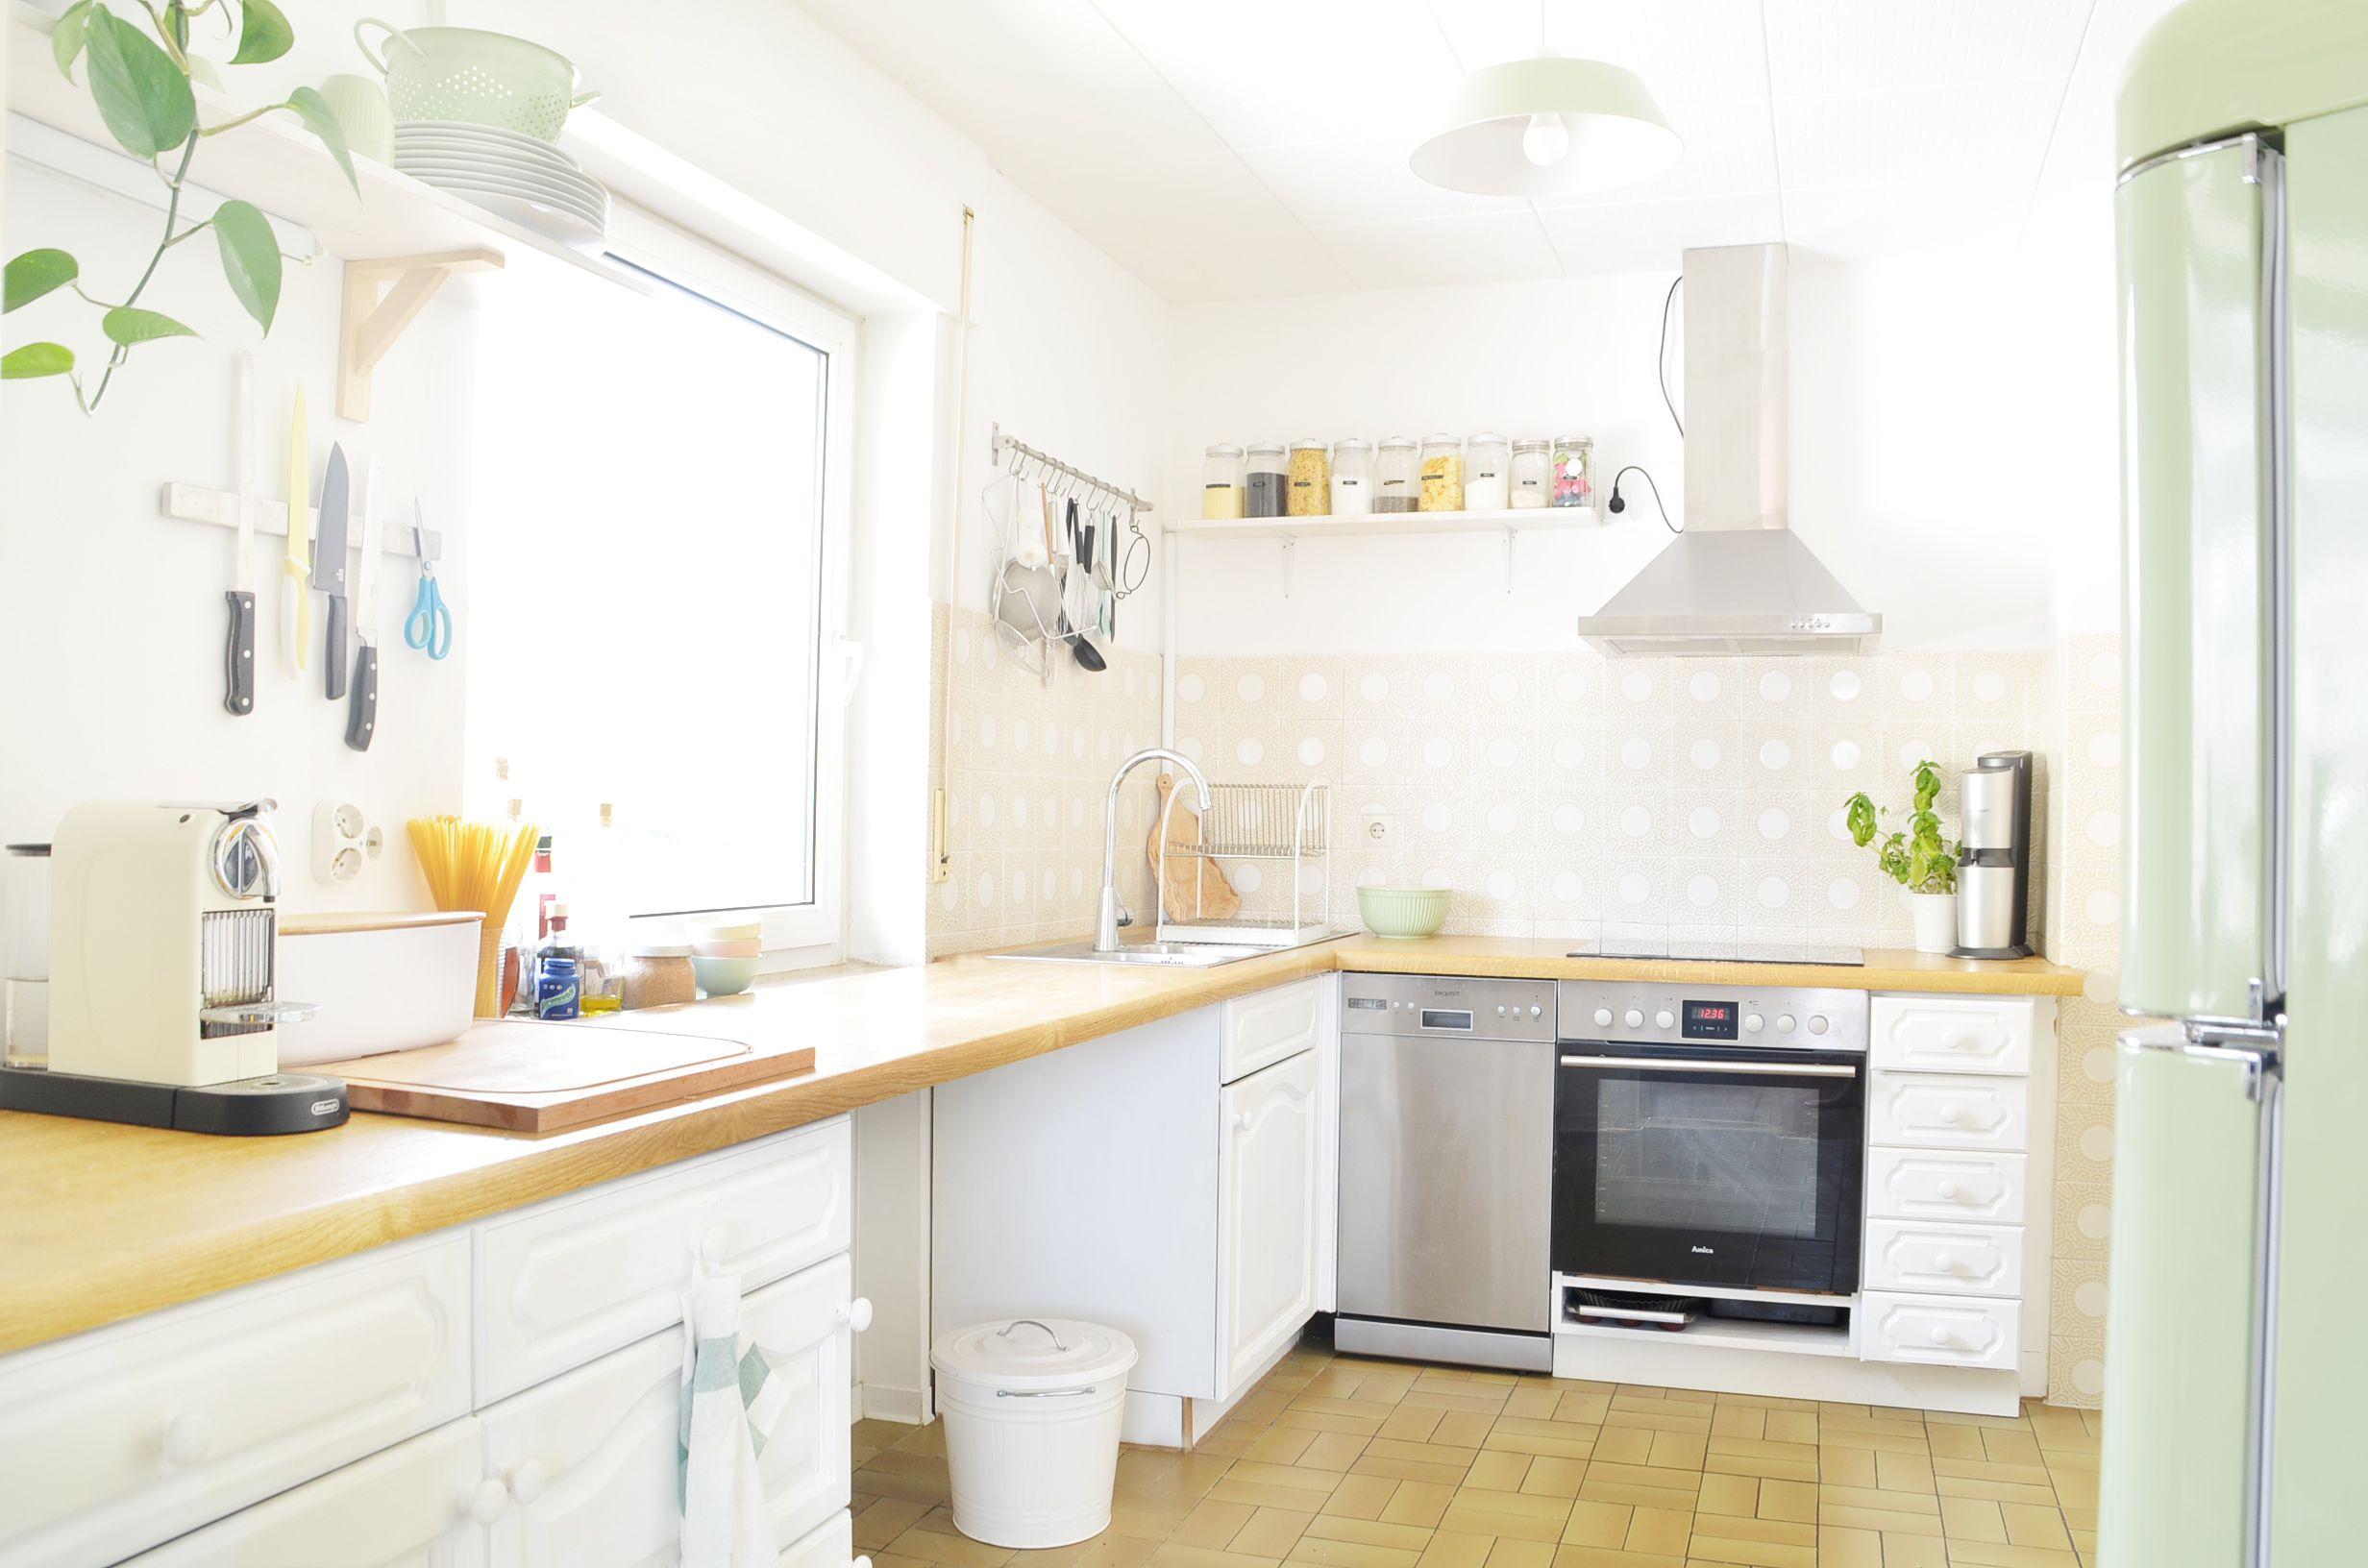 Wunderbar Crafty Inspiration Ideas Kreidetafel Küche Galerie - Die ...